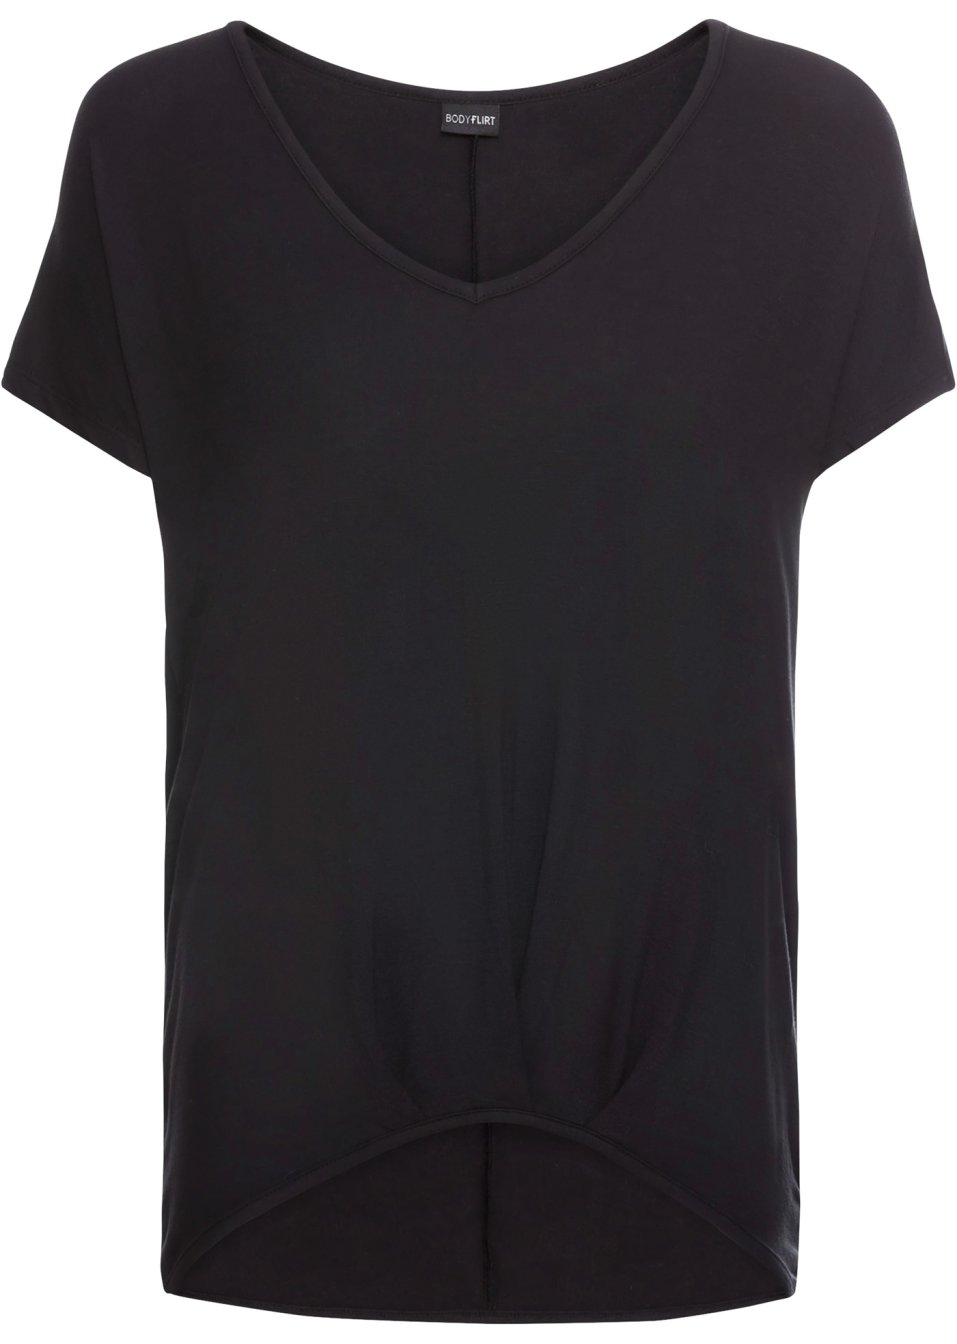 Hübsches Jersey-Shirt mit eingearbeiteten Falten und V-Ausschnitt - schwarz pZWHC MCo0W